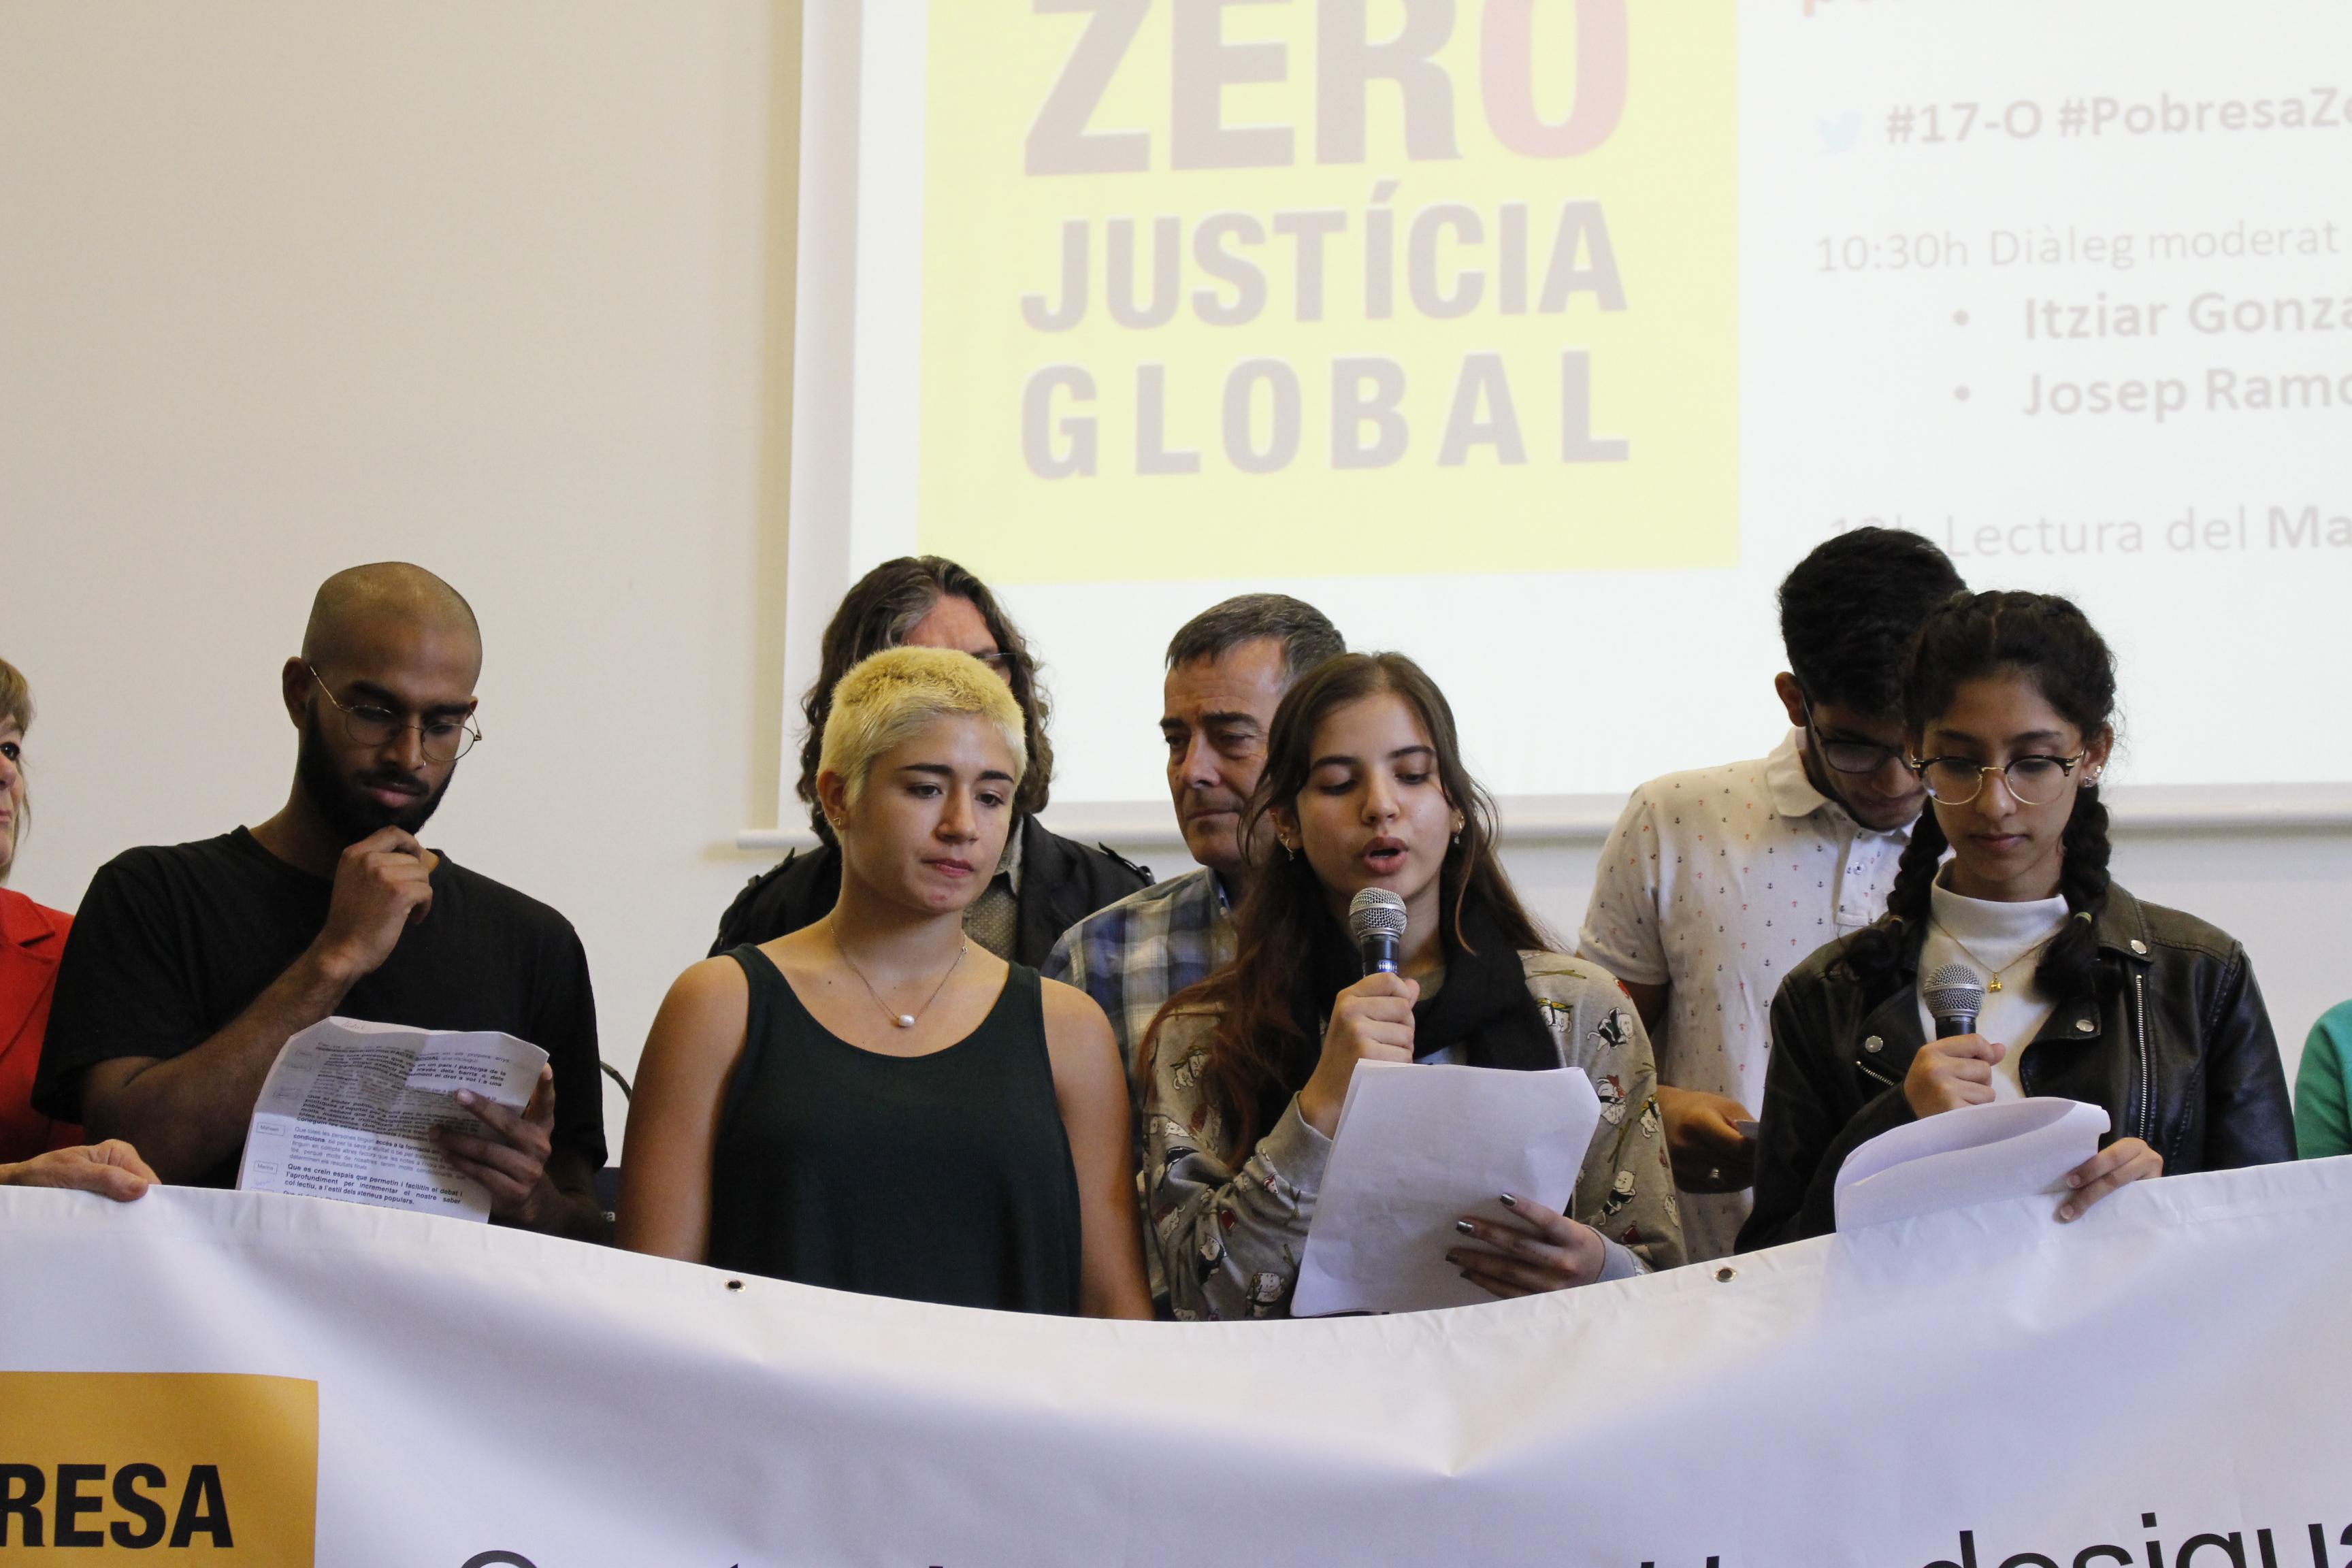 Pobresa Zero – Justícia Global dona veu als joves en la reivindicació d'un nou contracte social per combatre les desigualtats